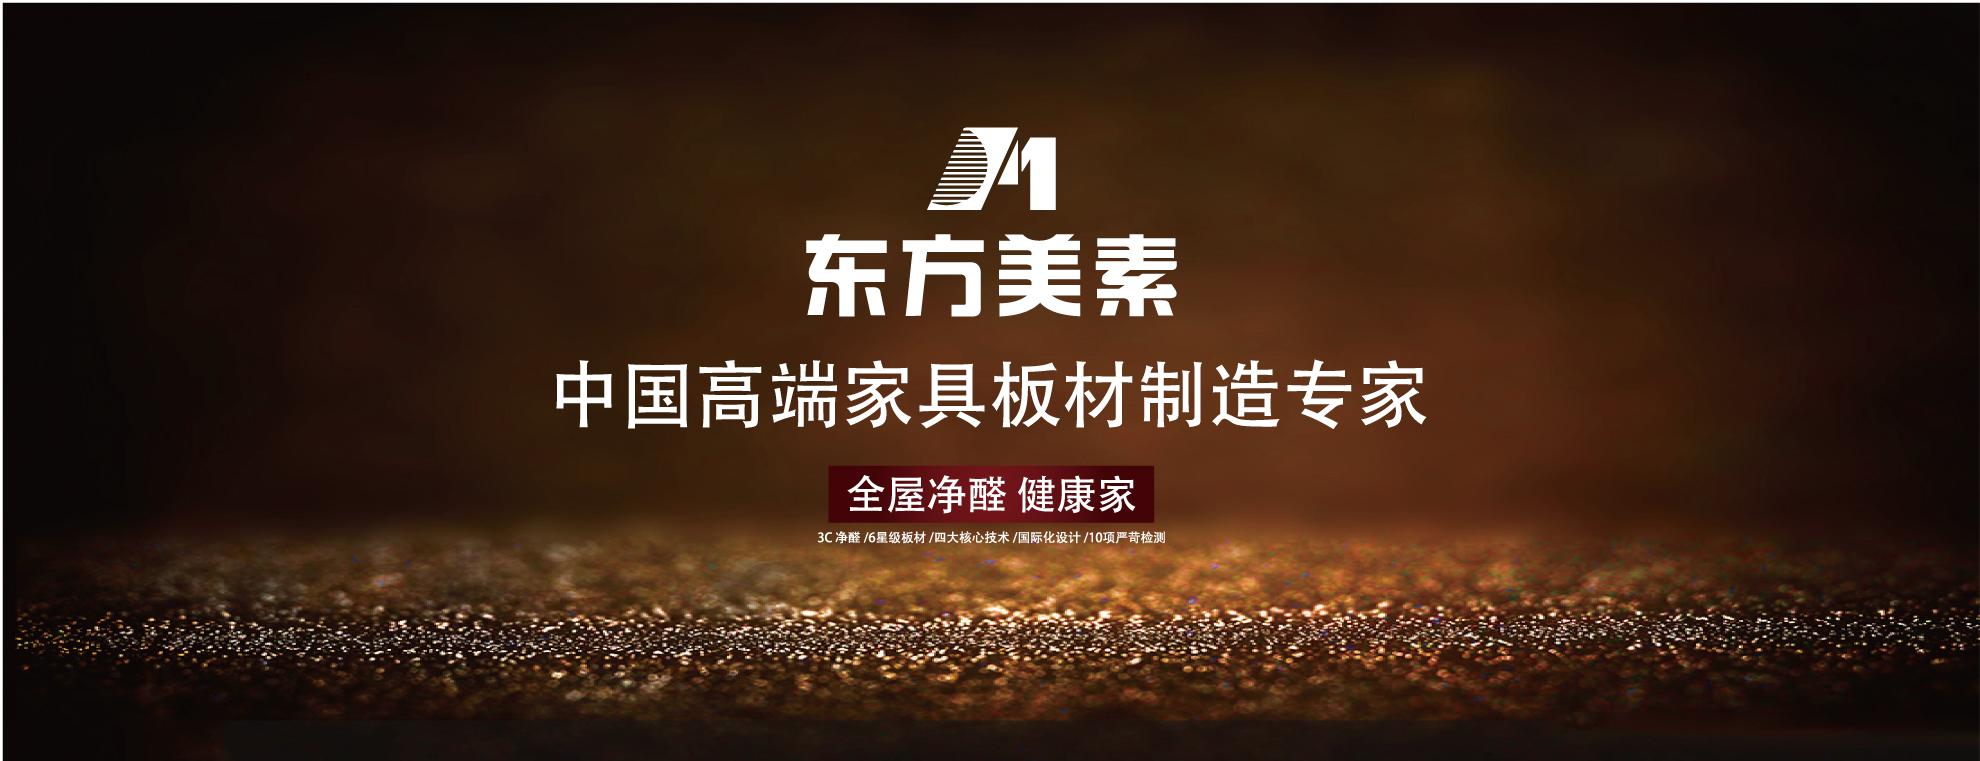 东方美素中国健康板材制造专家